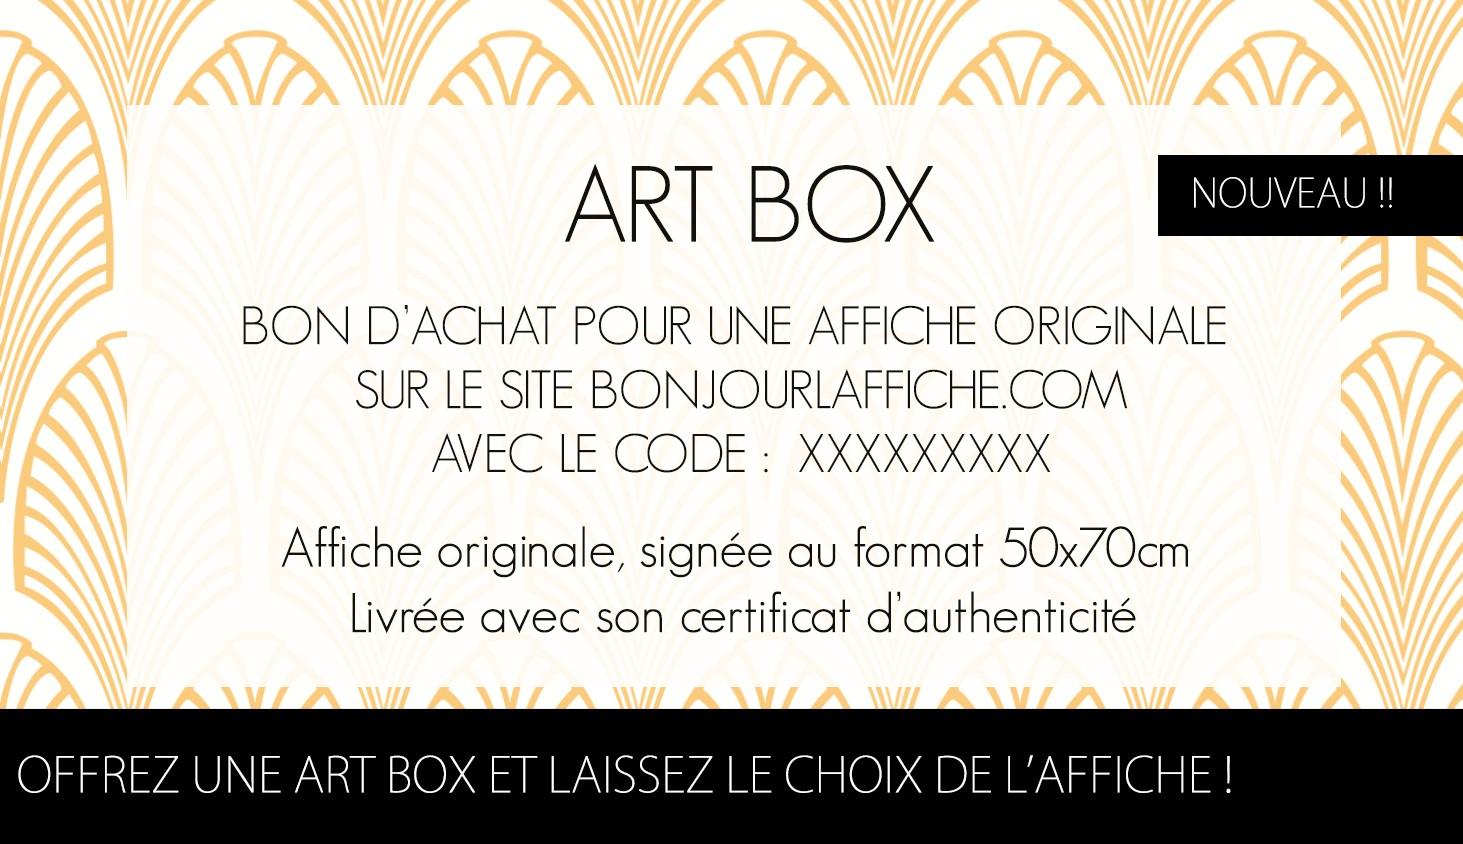 ArtBox - Offrez une artbox et laissez le choix de l'affiche !